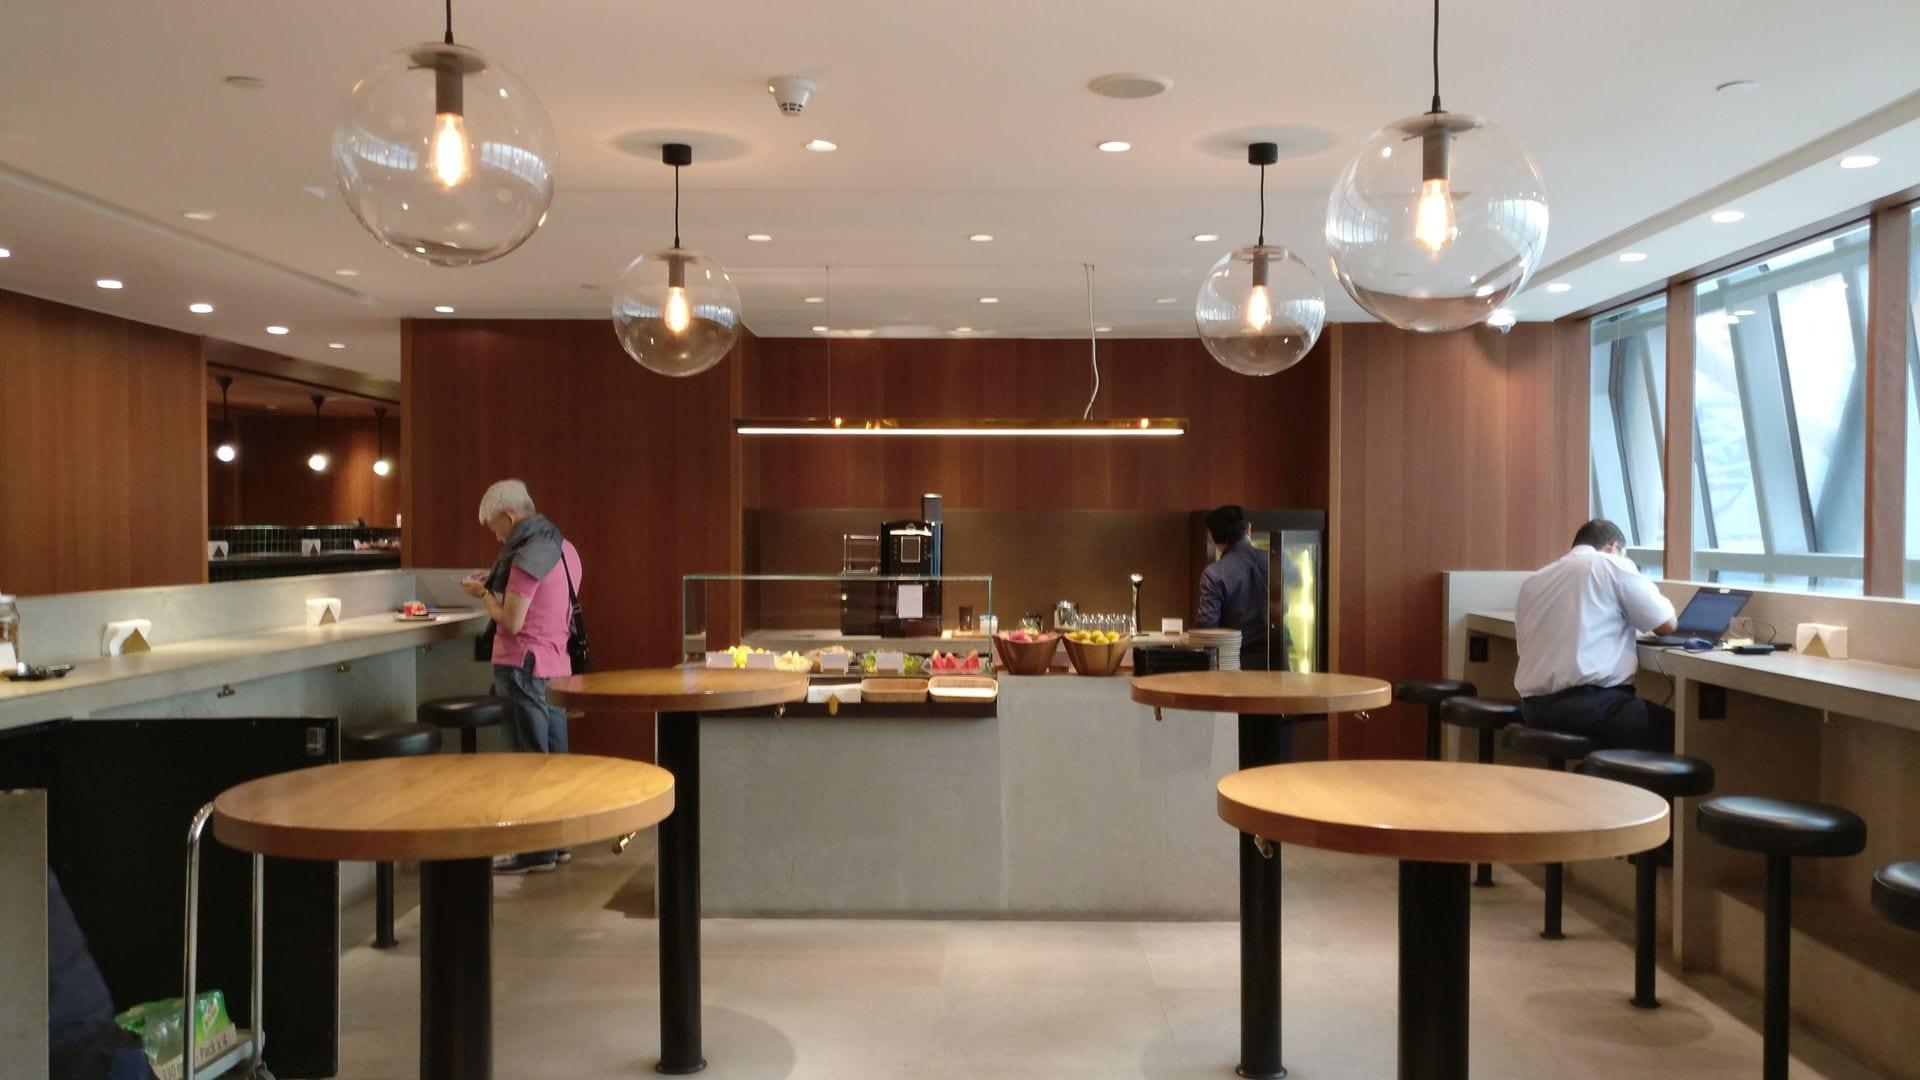 Ziemlich Kücheninseln Und Karren Amazon Fotos - Ideen Für Die Küche ...